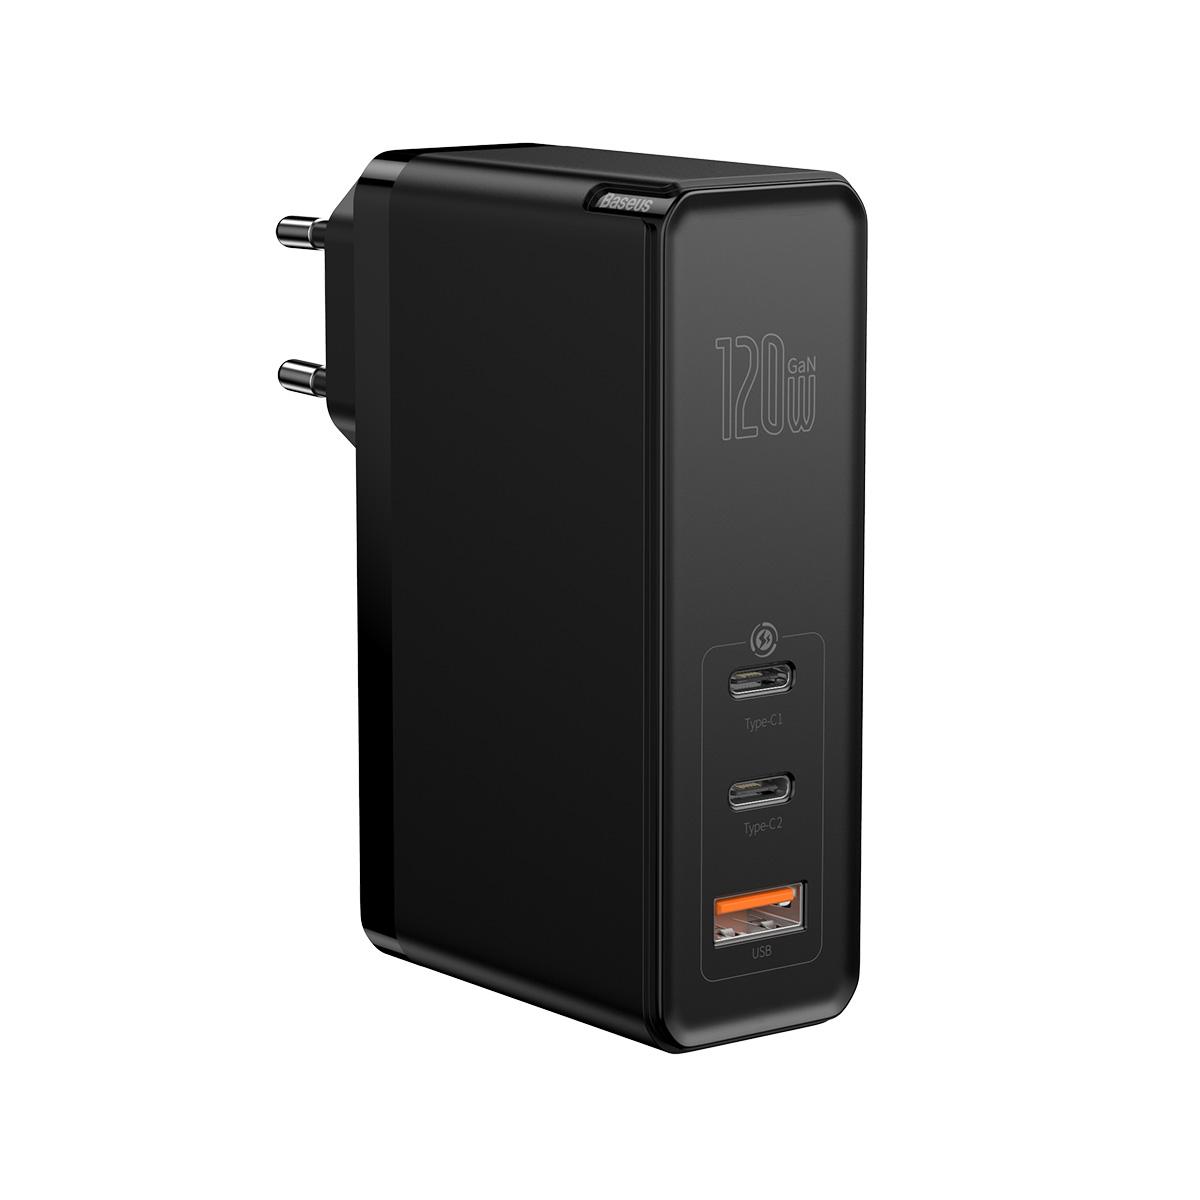 Baseus ładowarka sieciowa GaN2 Mini 3USB USB-A/ 2xPD USB-C 120W czarna z kablem USB-C - USB-C 100W / 3